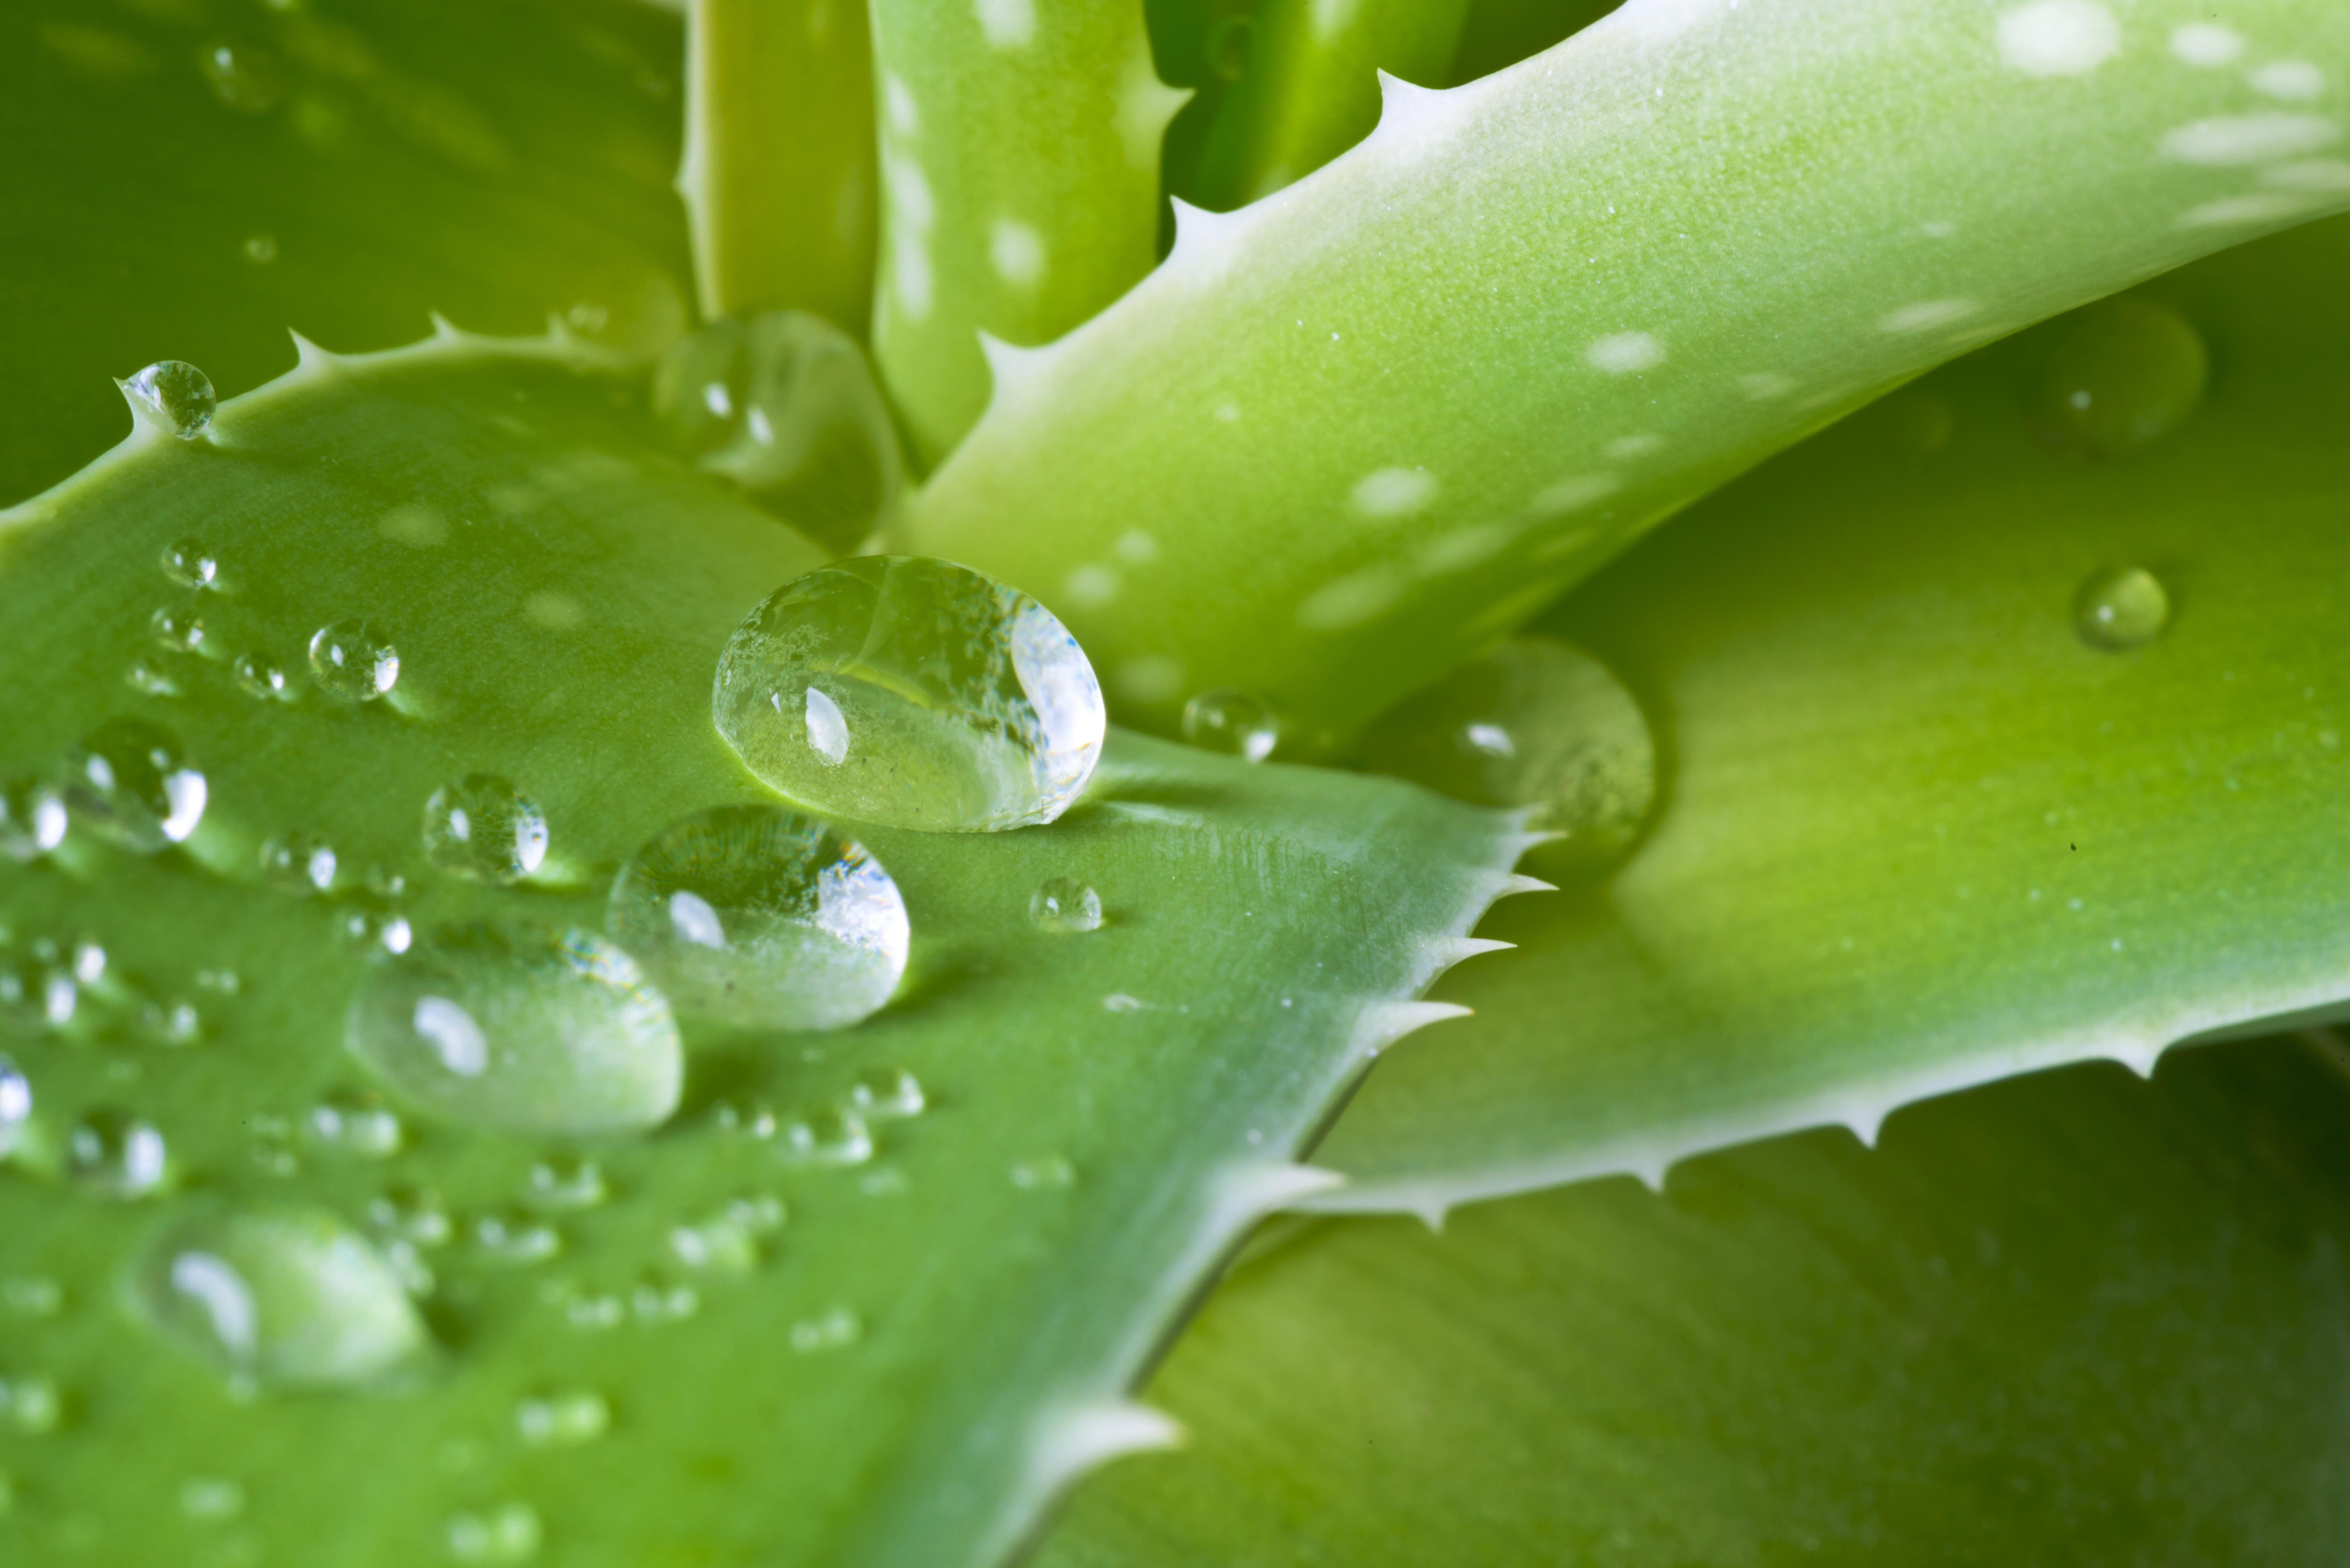 El líquido del aloe vera nos ayudará a quitar el olor de sudor (iStock)